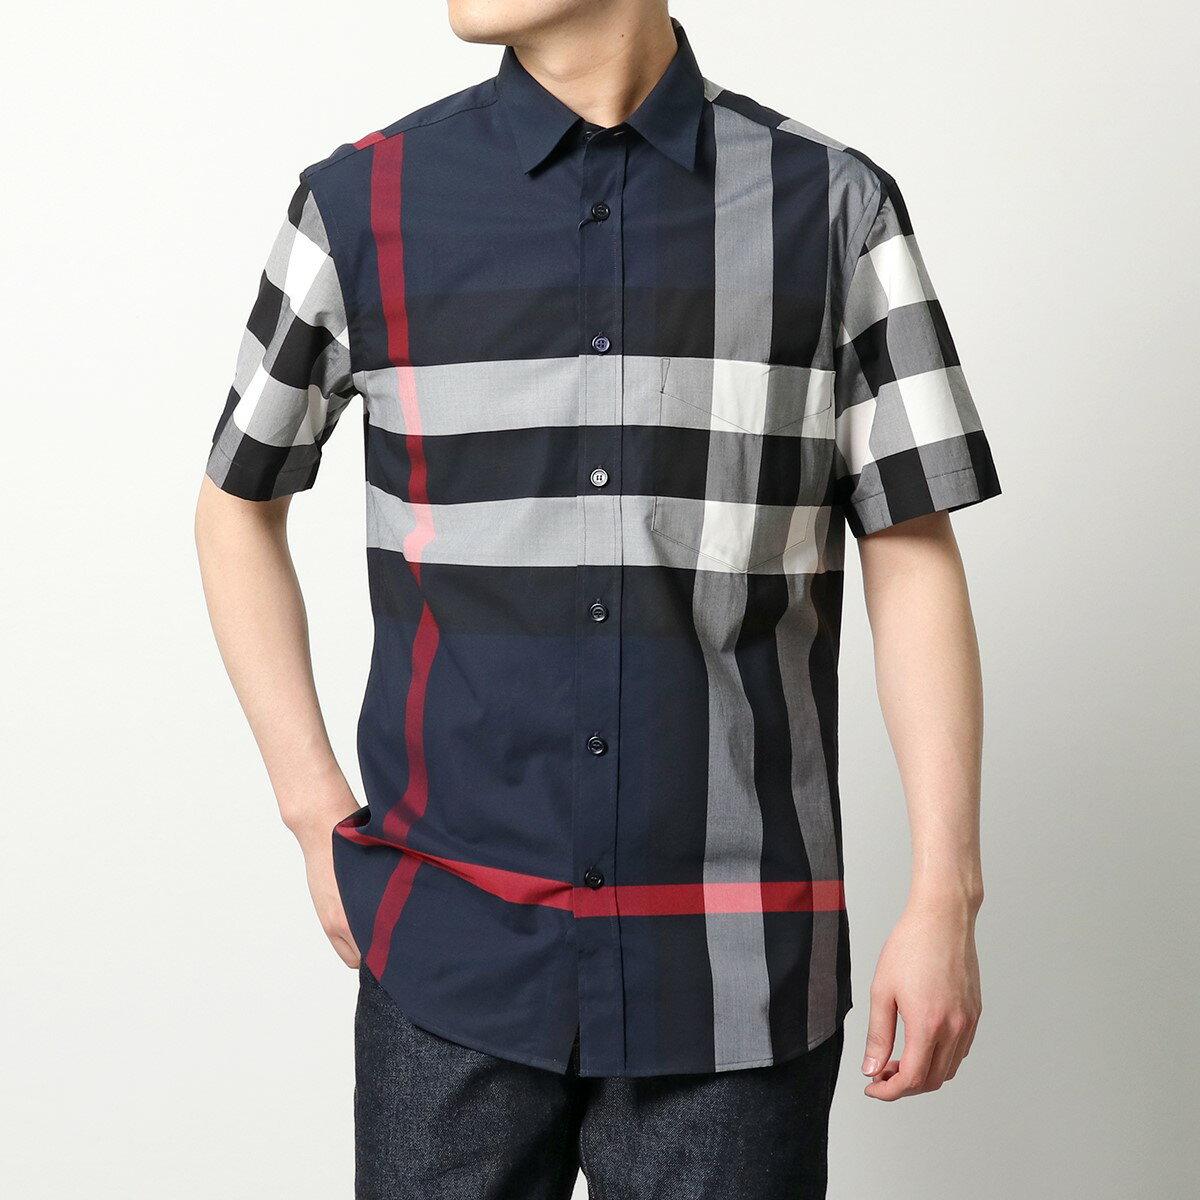 トップス, カジュアルシャツ BURBERRY 8020855 Y NAVY-IPCHECK